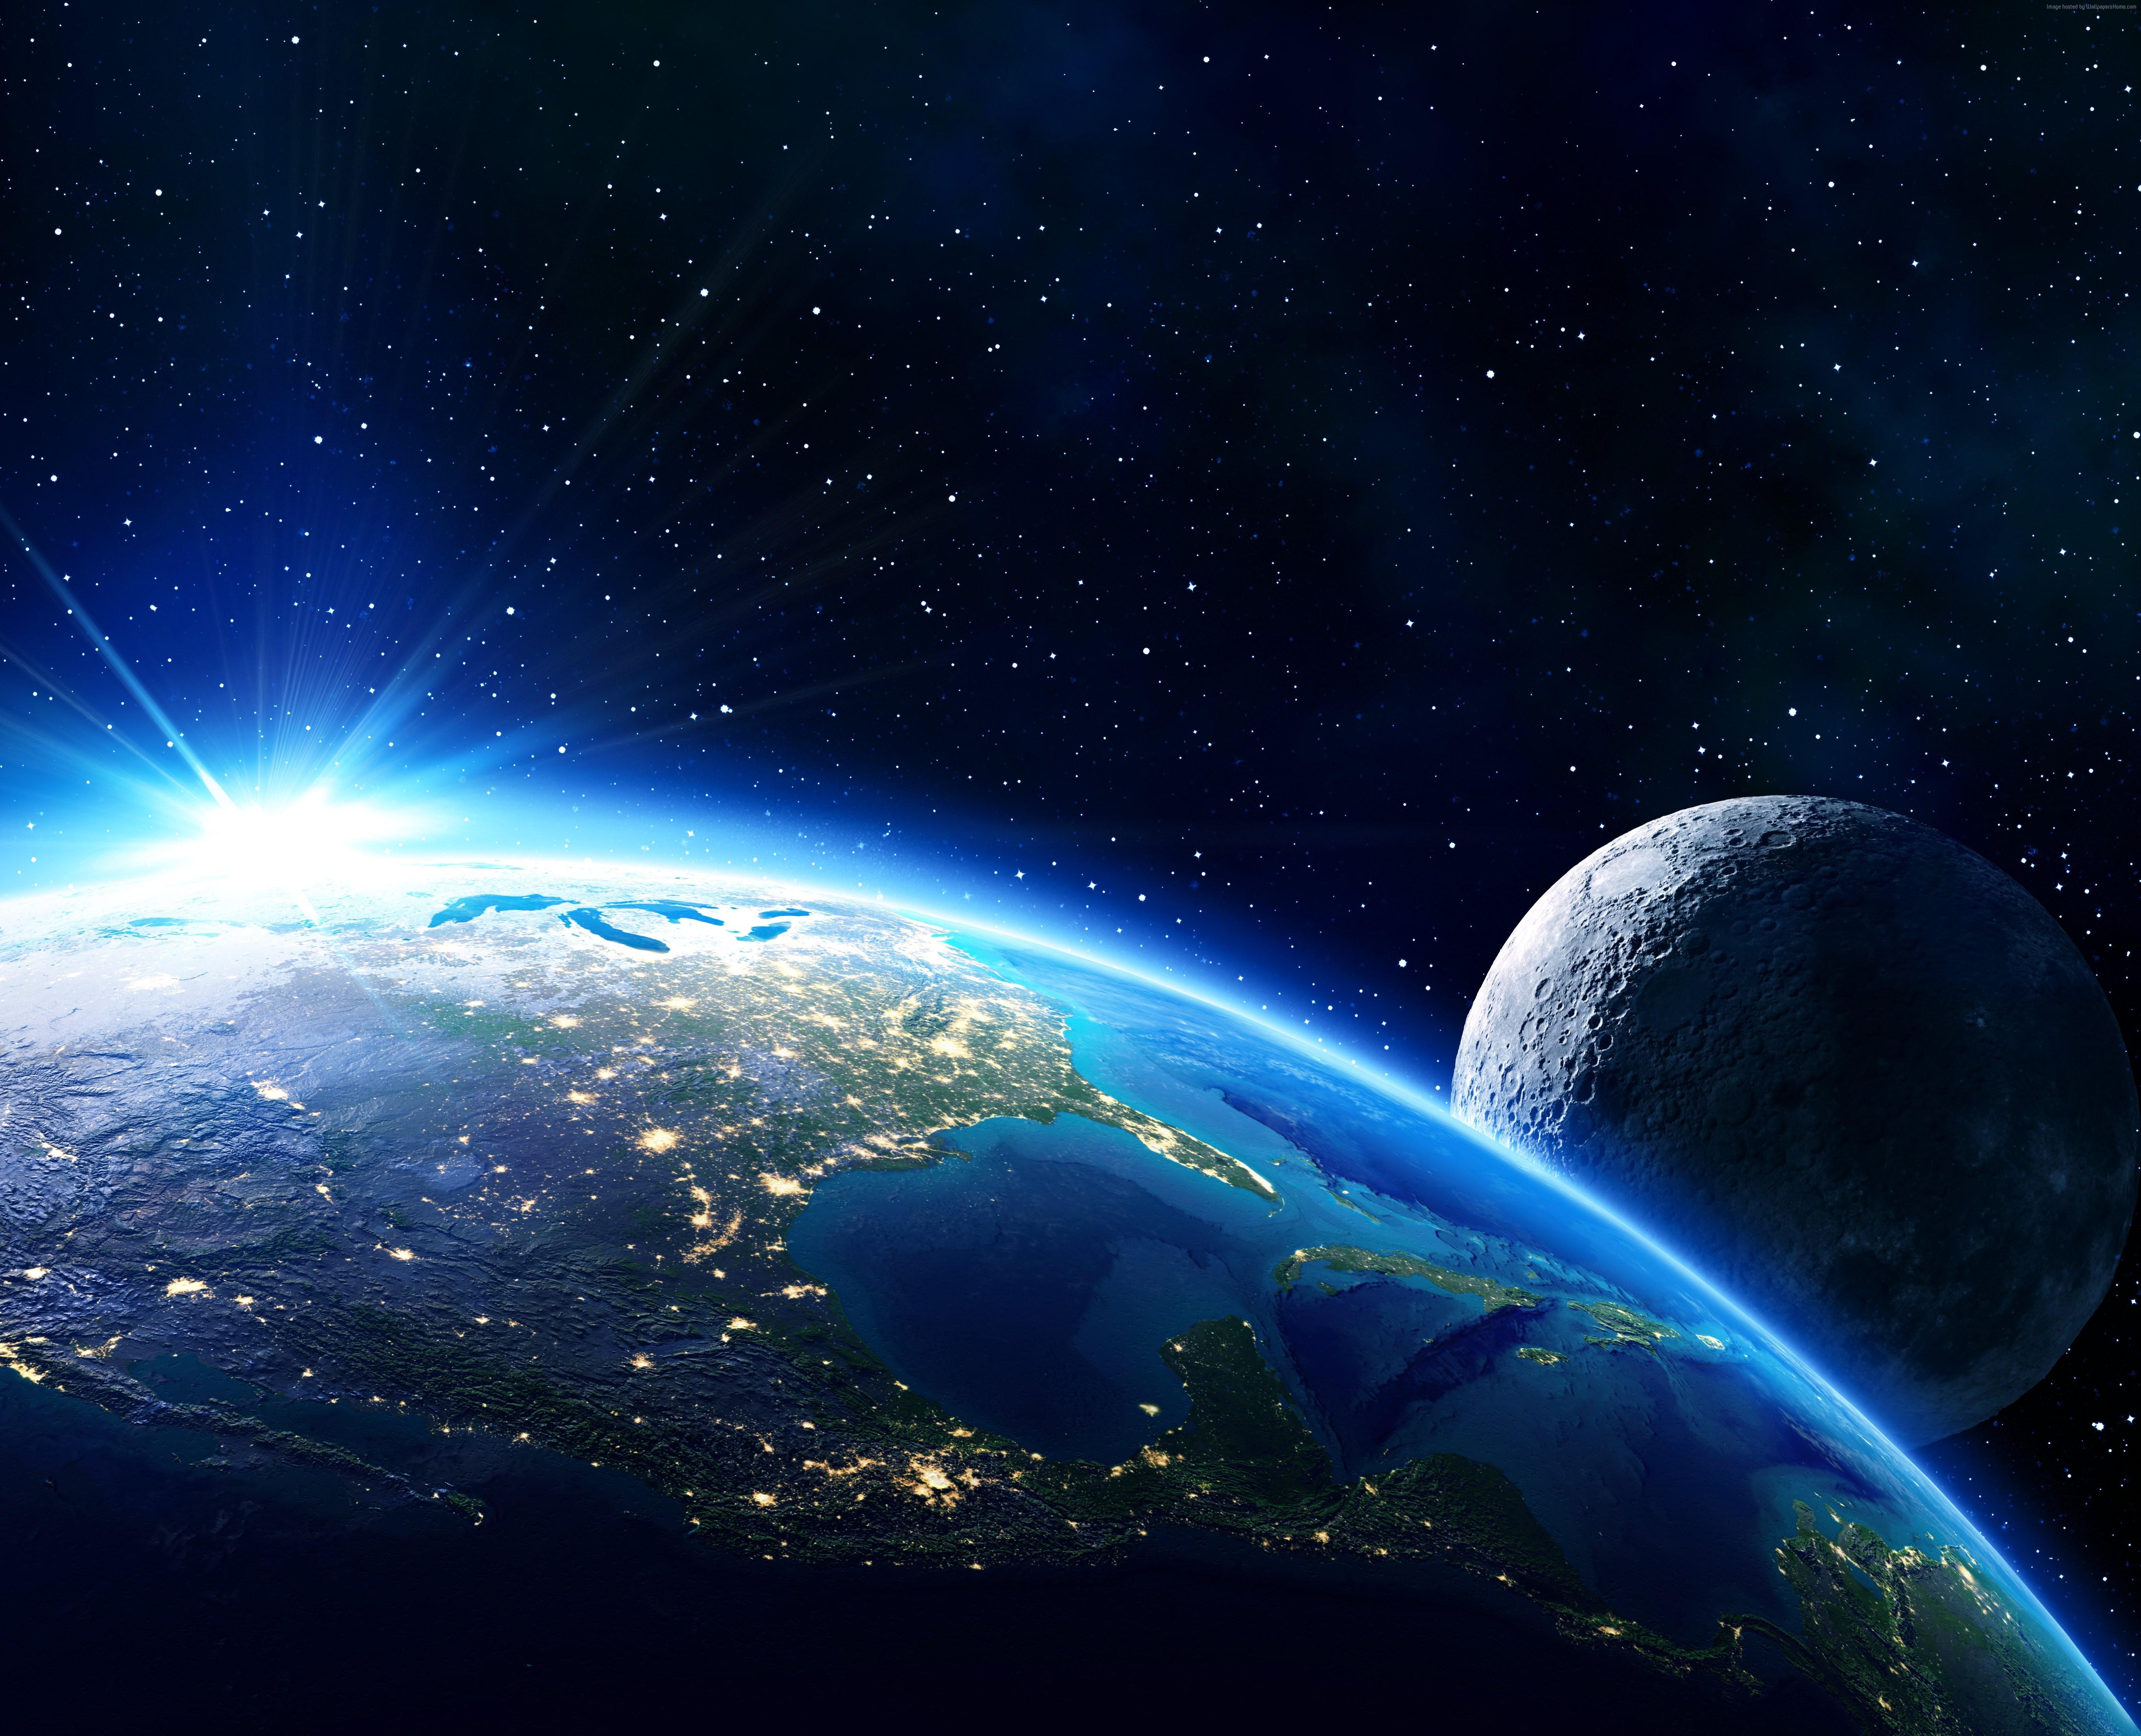 космос картинки на заставку